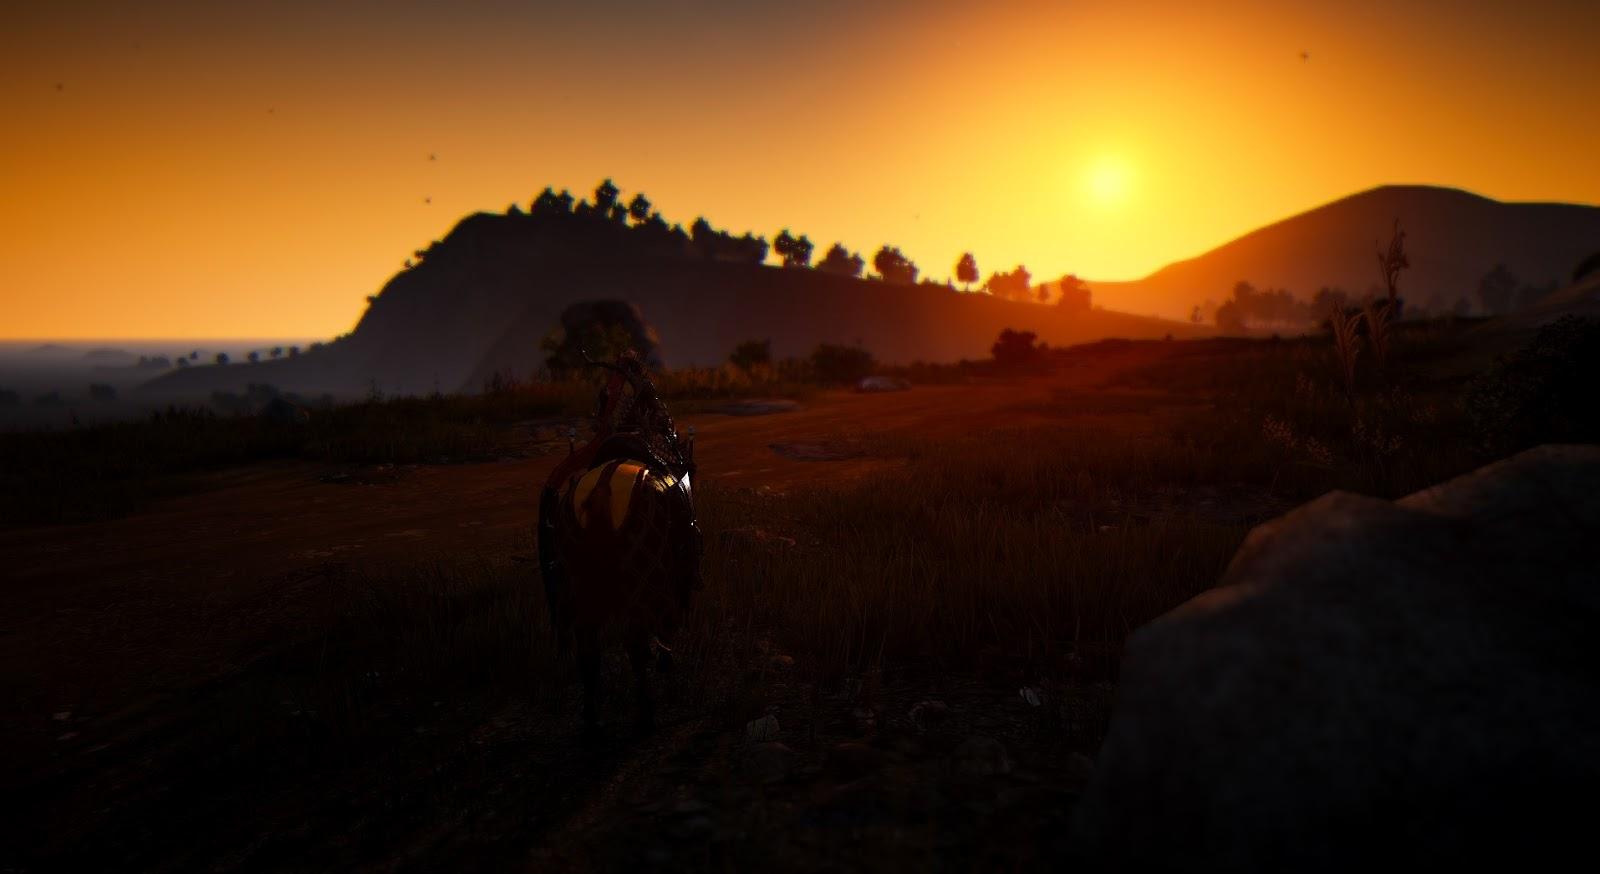 Black Desert Online Tips: Amazing Sunset